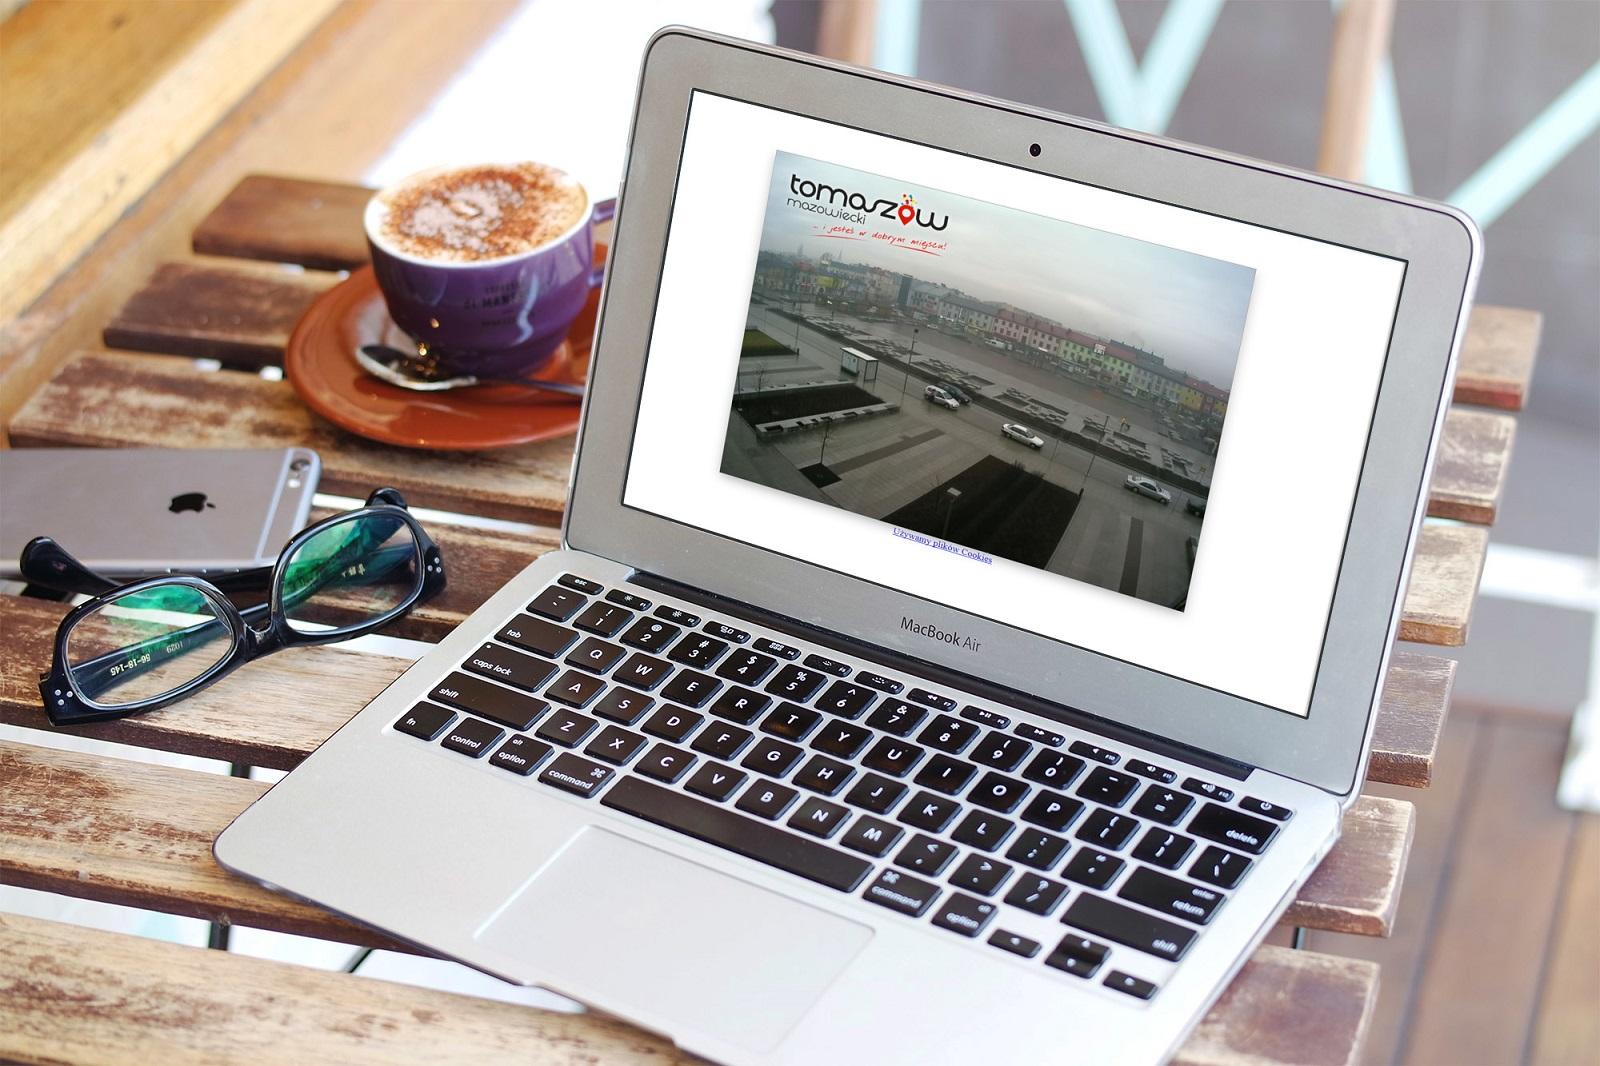 Zjęcie komputera ilustrujące artykuł